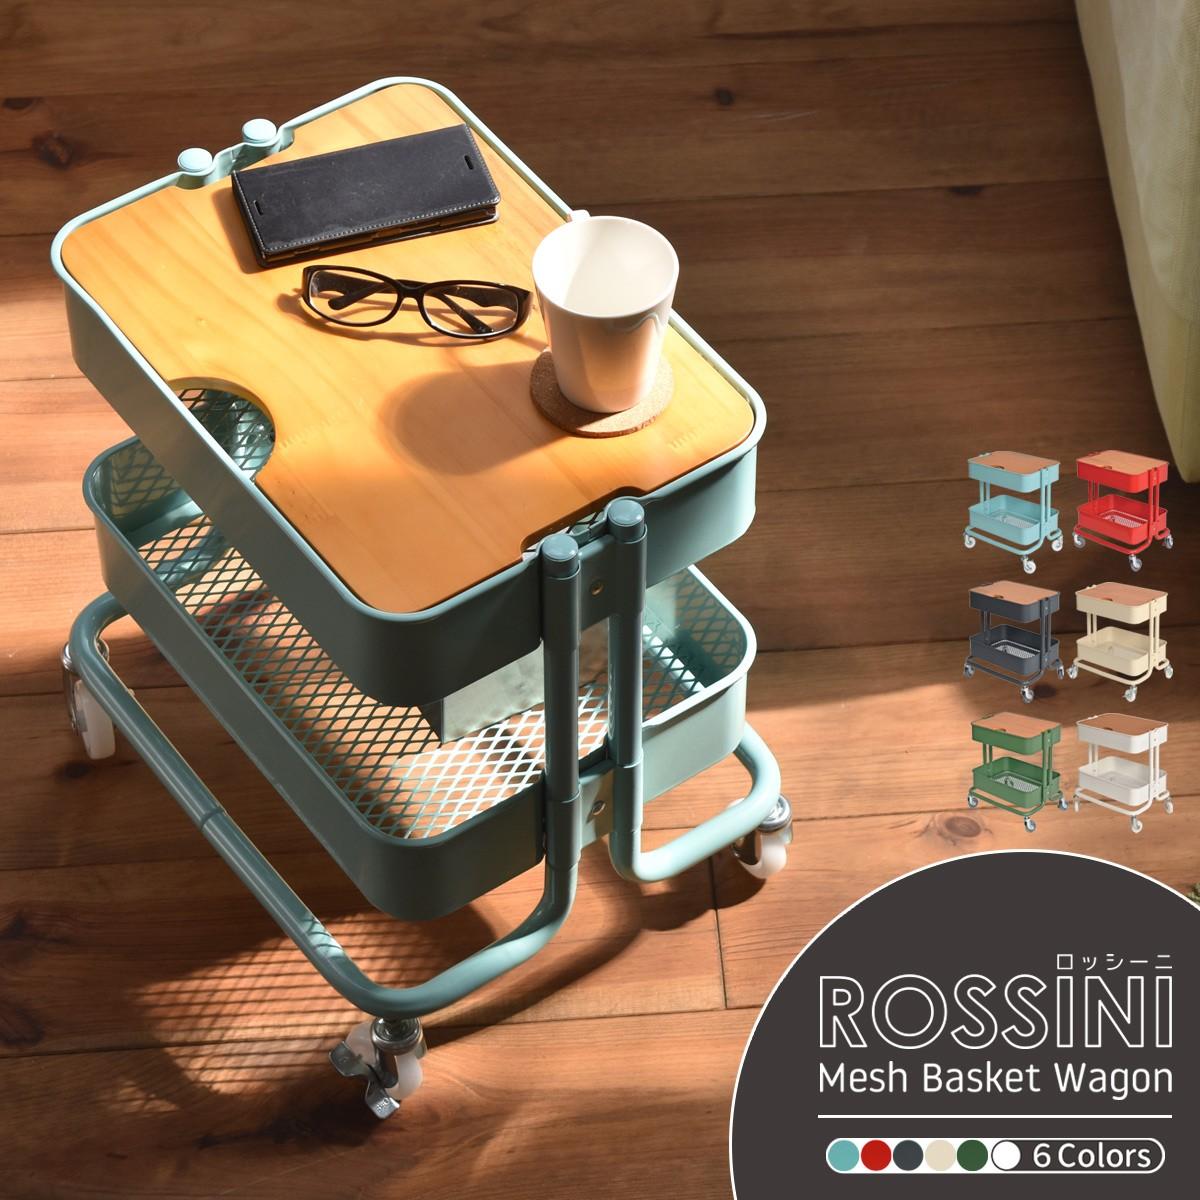 ロッシーニ(Rossini) サイドテーブル キッチンワゴン 2段 ROW-F2 キャスター付き バスケット ワゴン スチールラック おもちゃ箱 メッシュ 北欧 ウッド アイアン 天板 天然木 シンプル おしゃれ